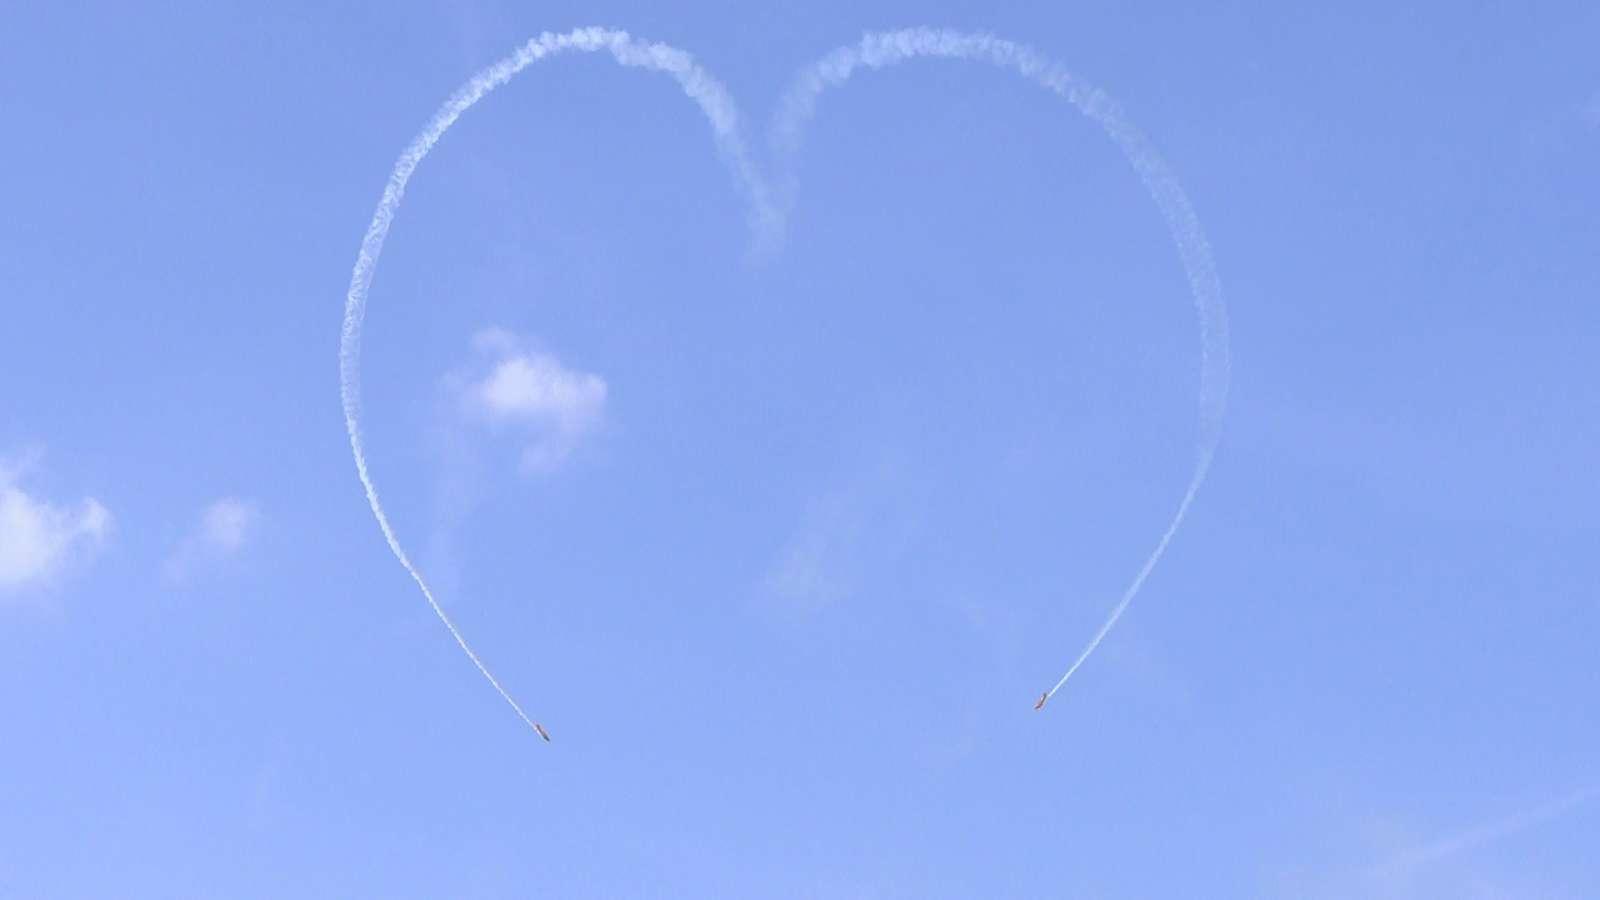 Авиашоу в небе над Истрой провели в День Воздушного флота | Изображение 3